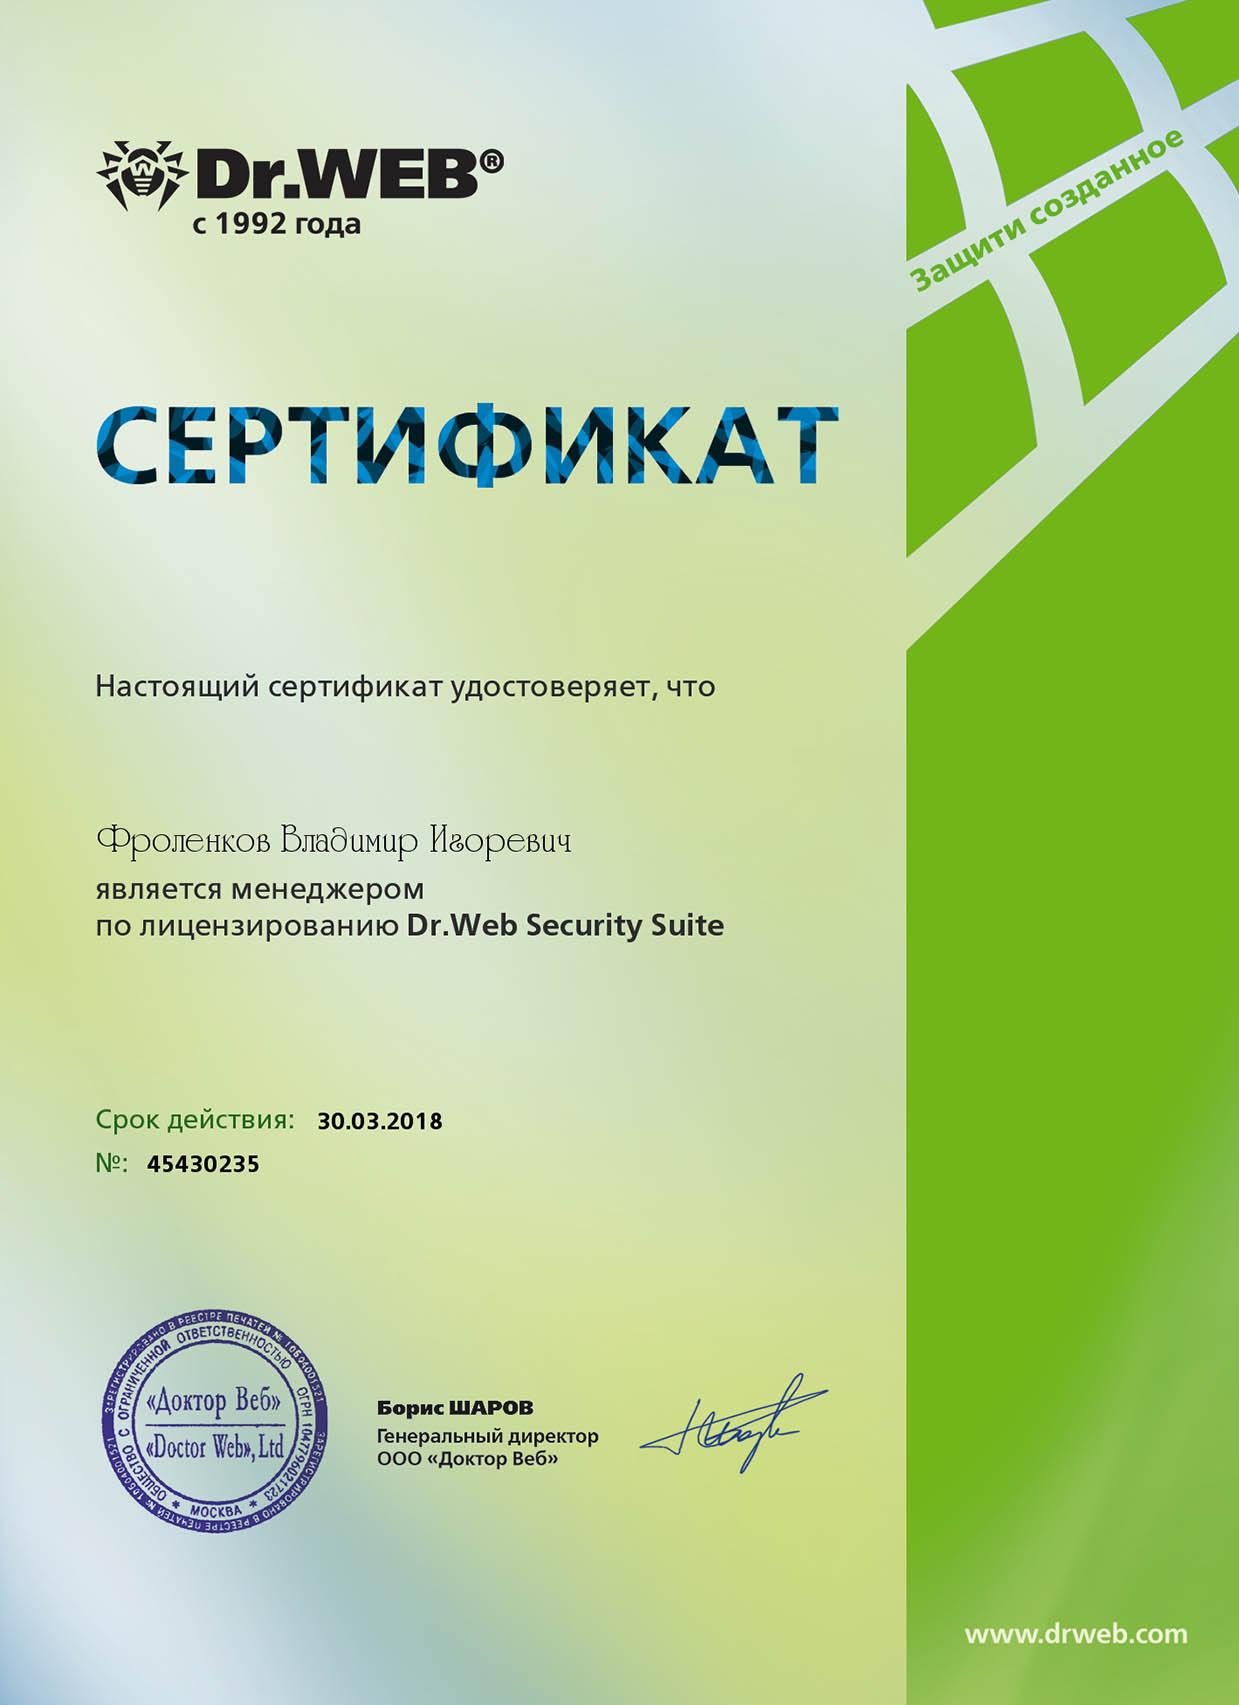 Сертификат менеджера по лицензированию Dr.Web